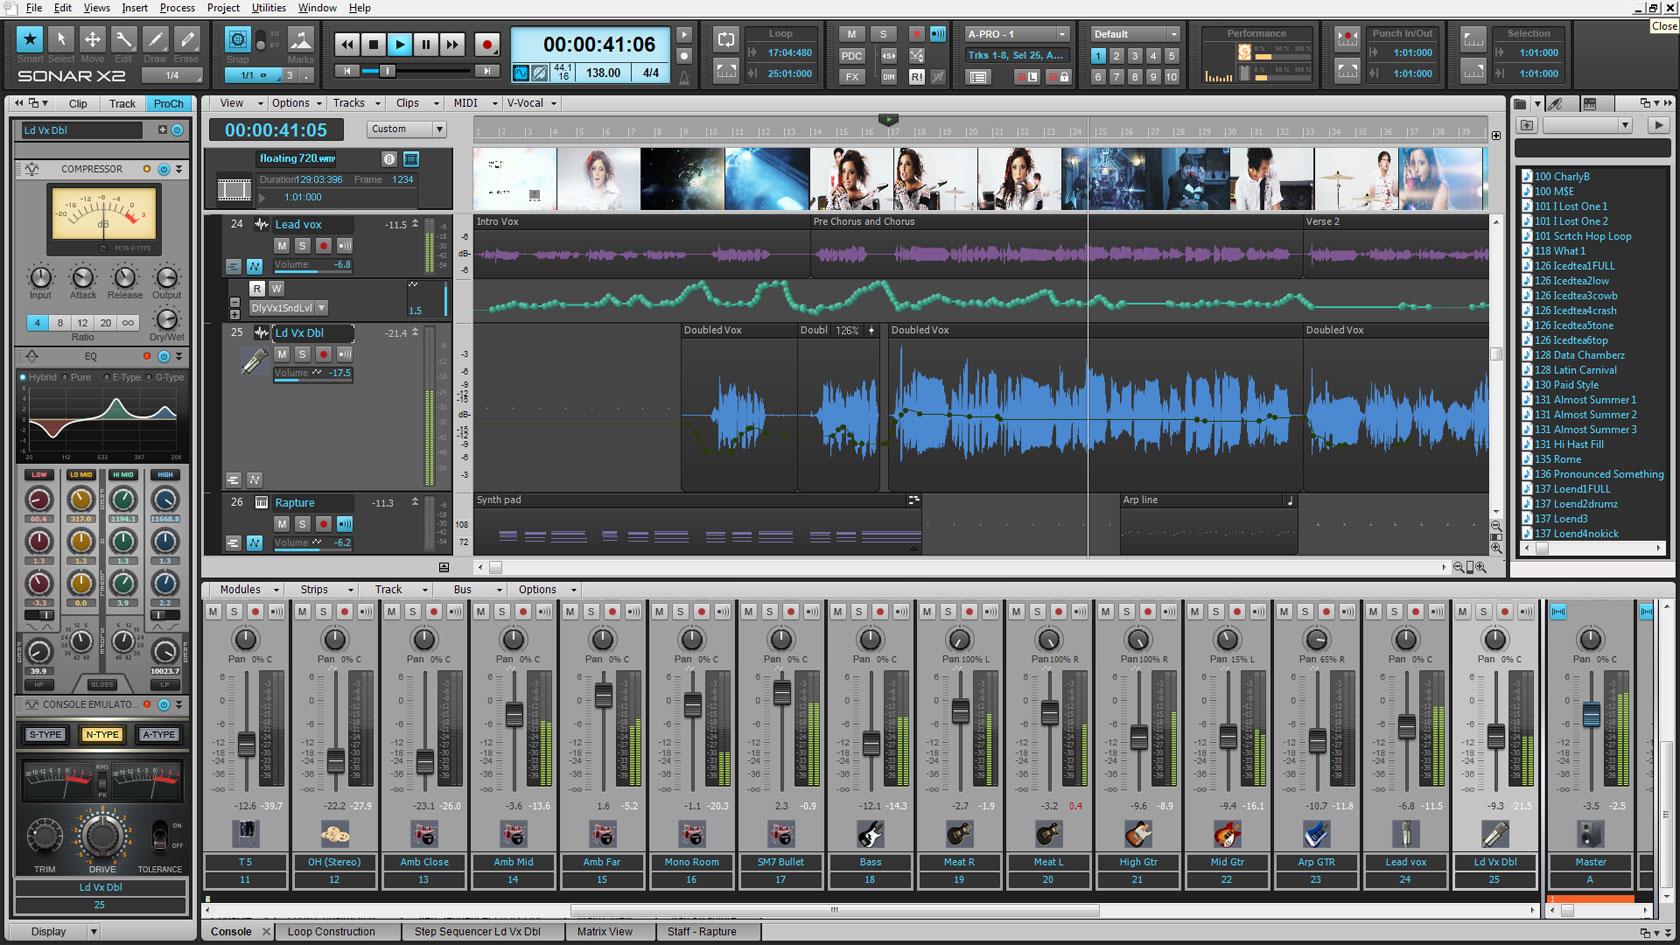 Resultado de imagen para sonar x2 producer